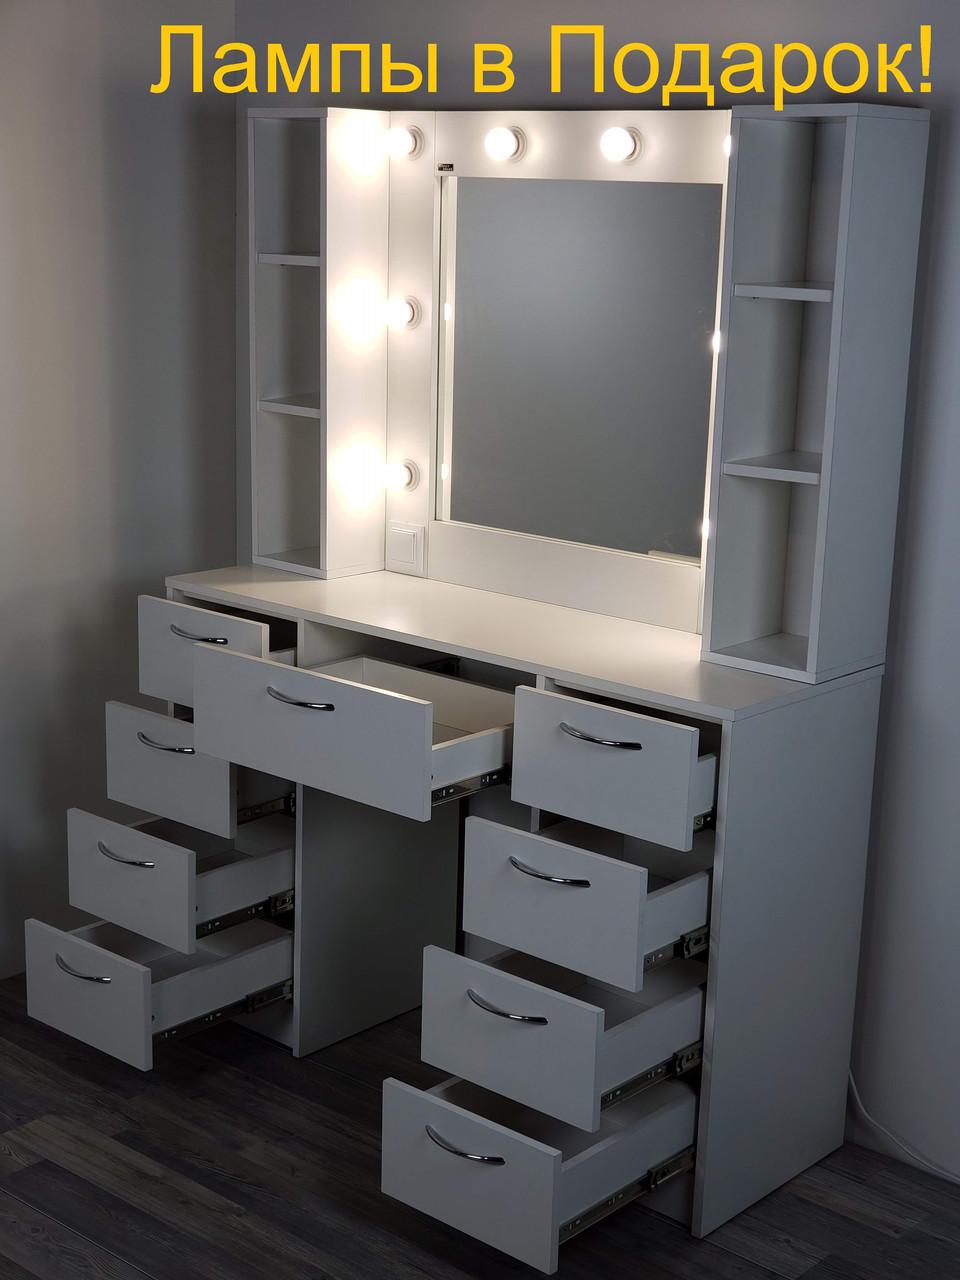 Акція! Гримерный визажный туалетний столик для макіяжу з дзеркалом з лампочками з підсвічуванням для візажиста!